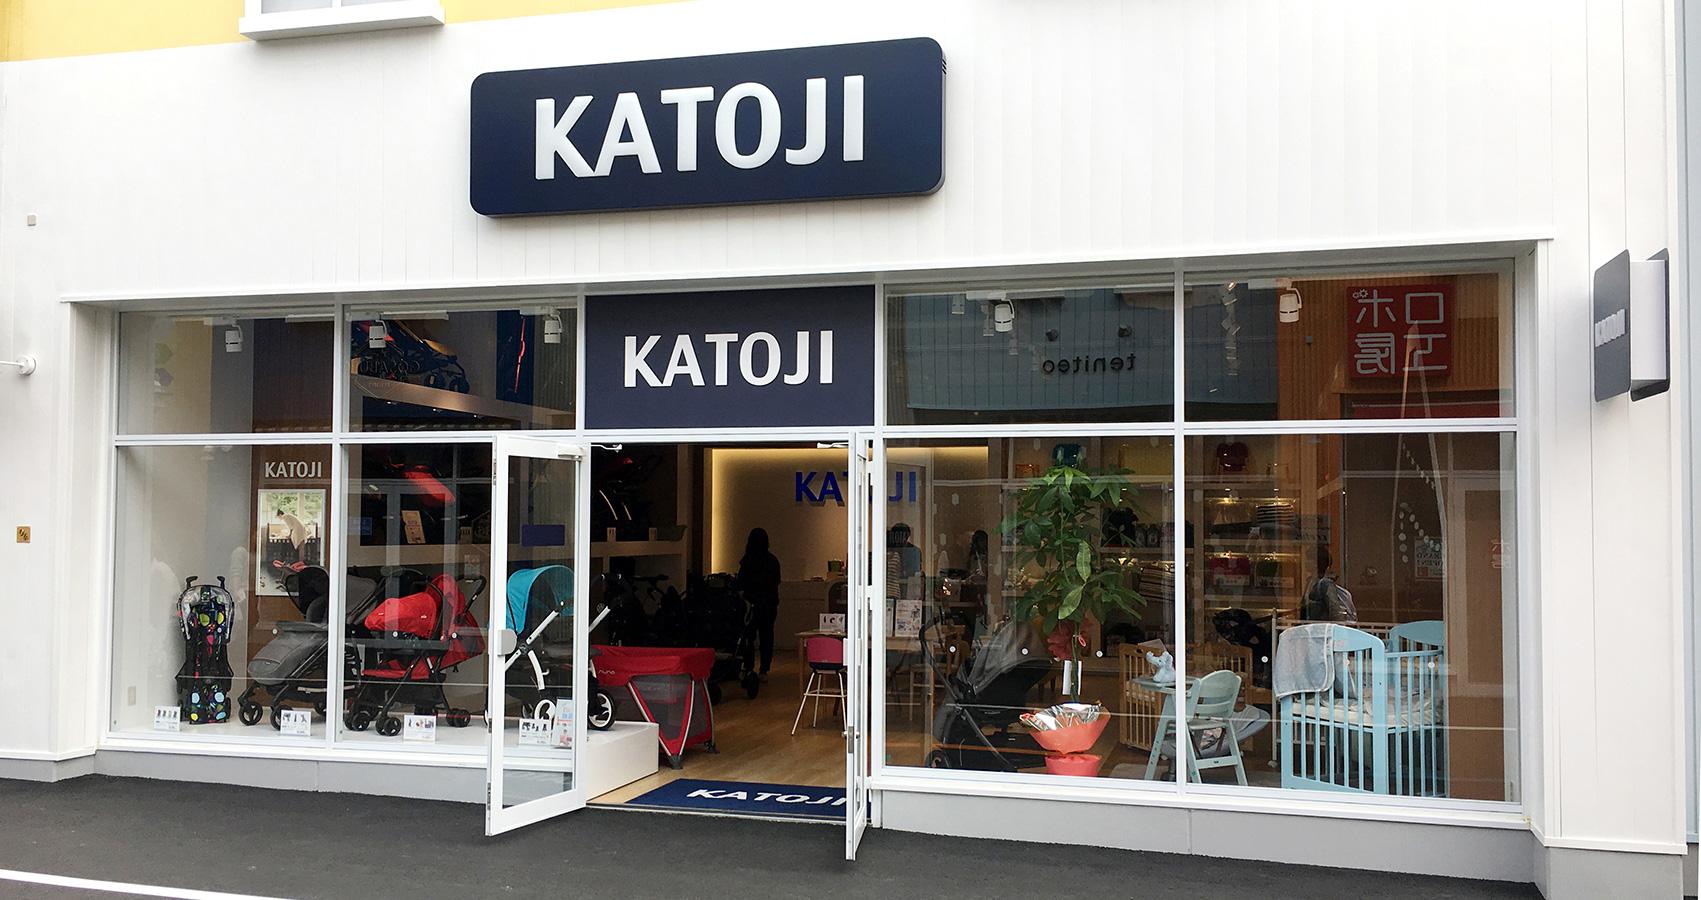 KATOJI メイカーズ ピア 名古屋外観